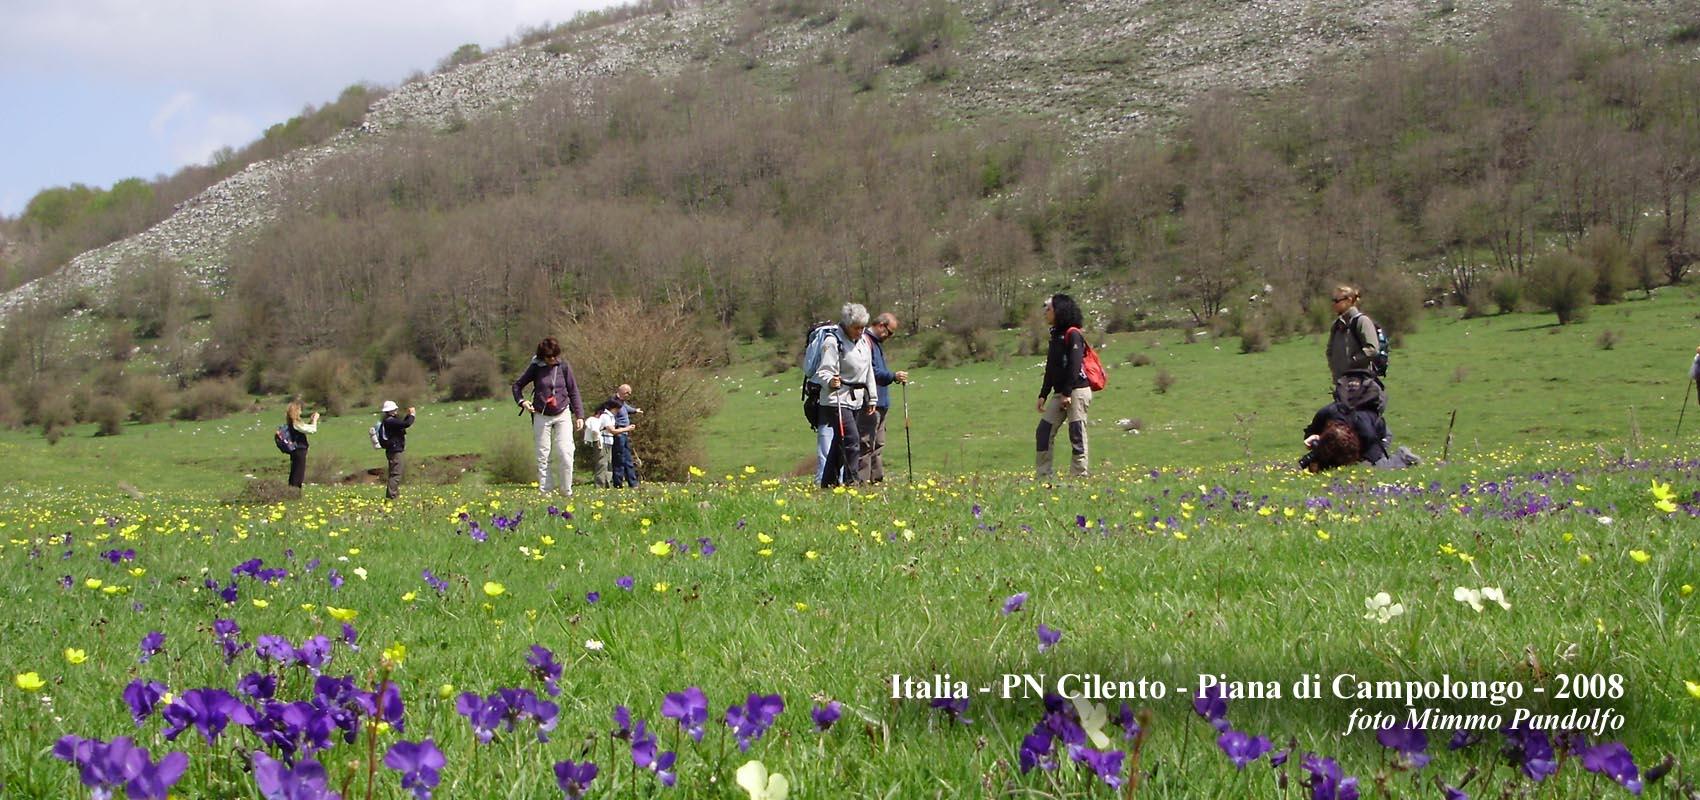 Italia, PN Cilento - Piana di Campolongo - 2008